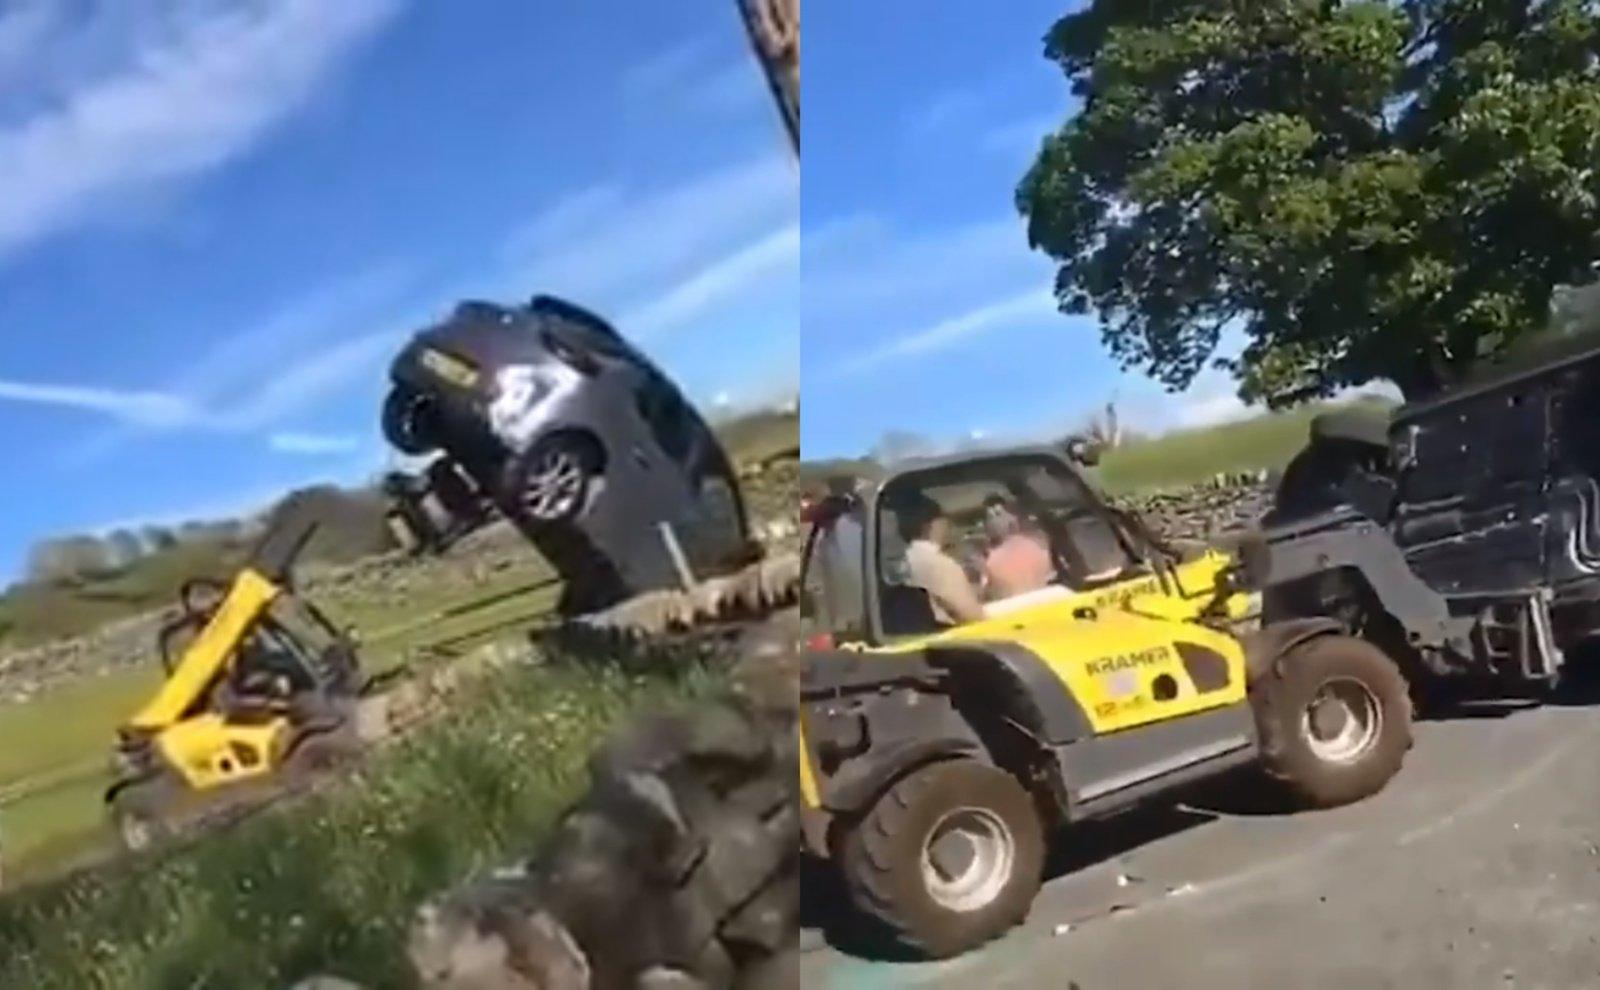 Šokiruojantis vaizdas: įsiutęs ūkininkas taranavo automobilį su traktoriumi ir jį apvertė (vaizdo įrašas)